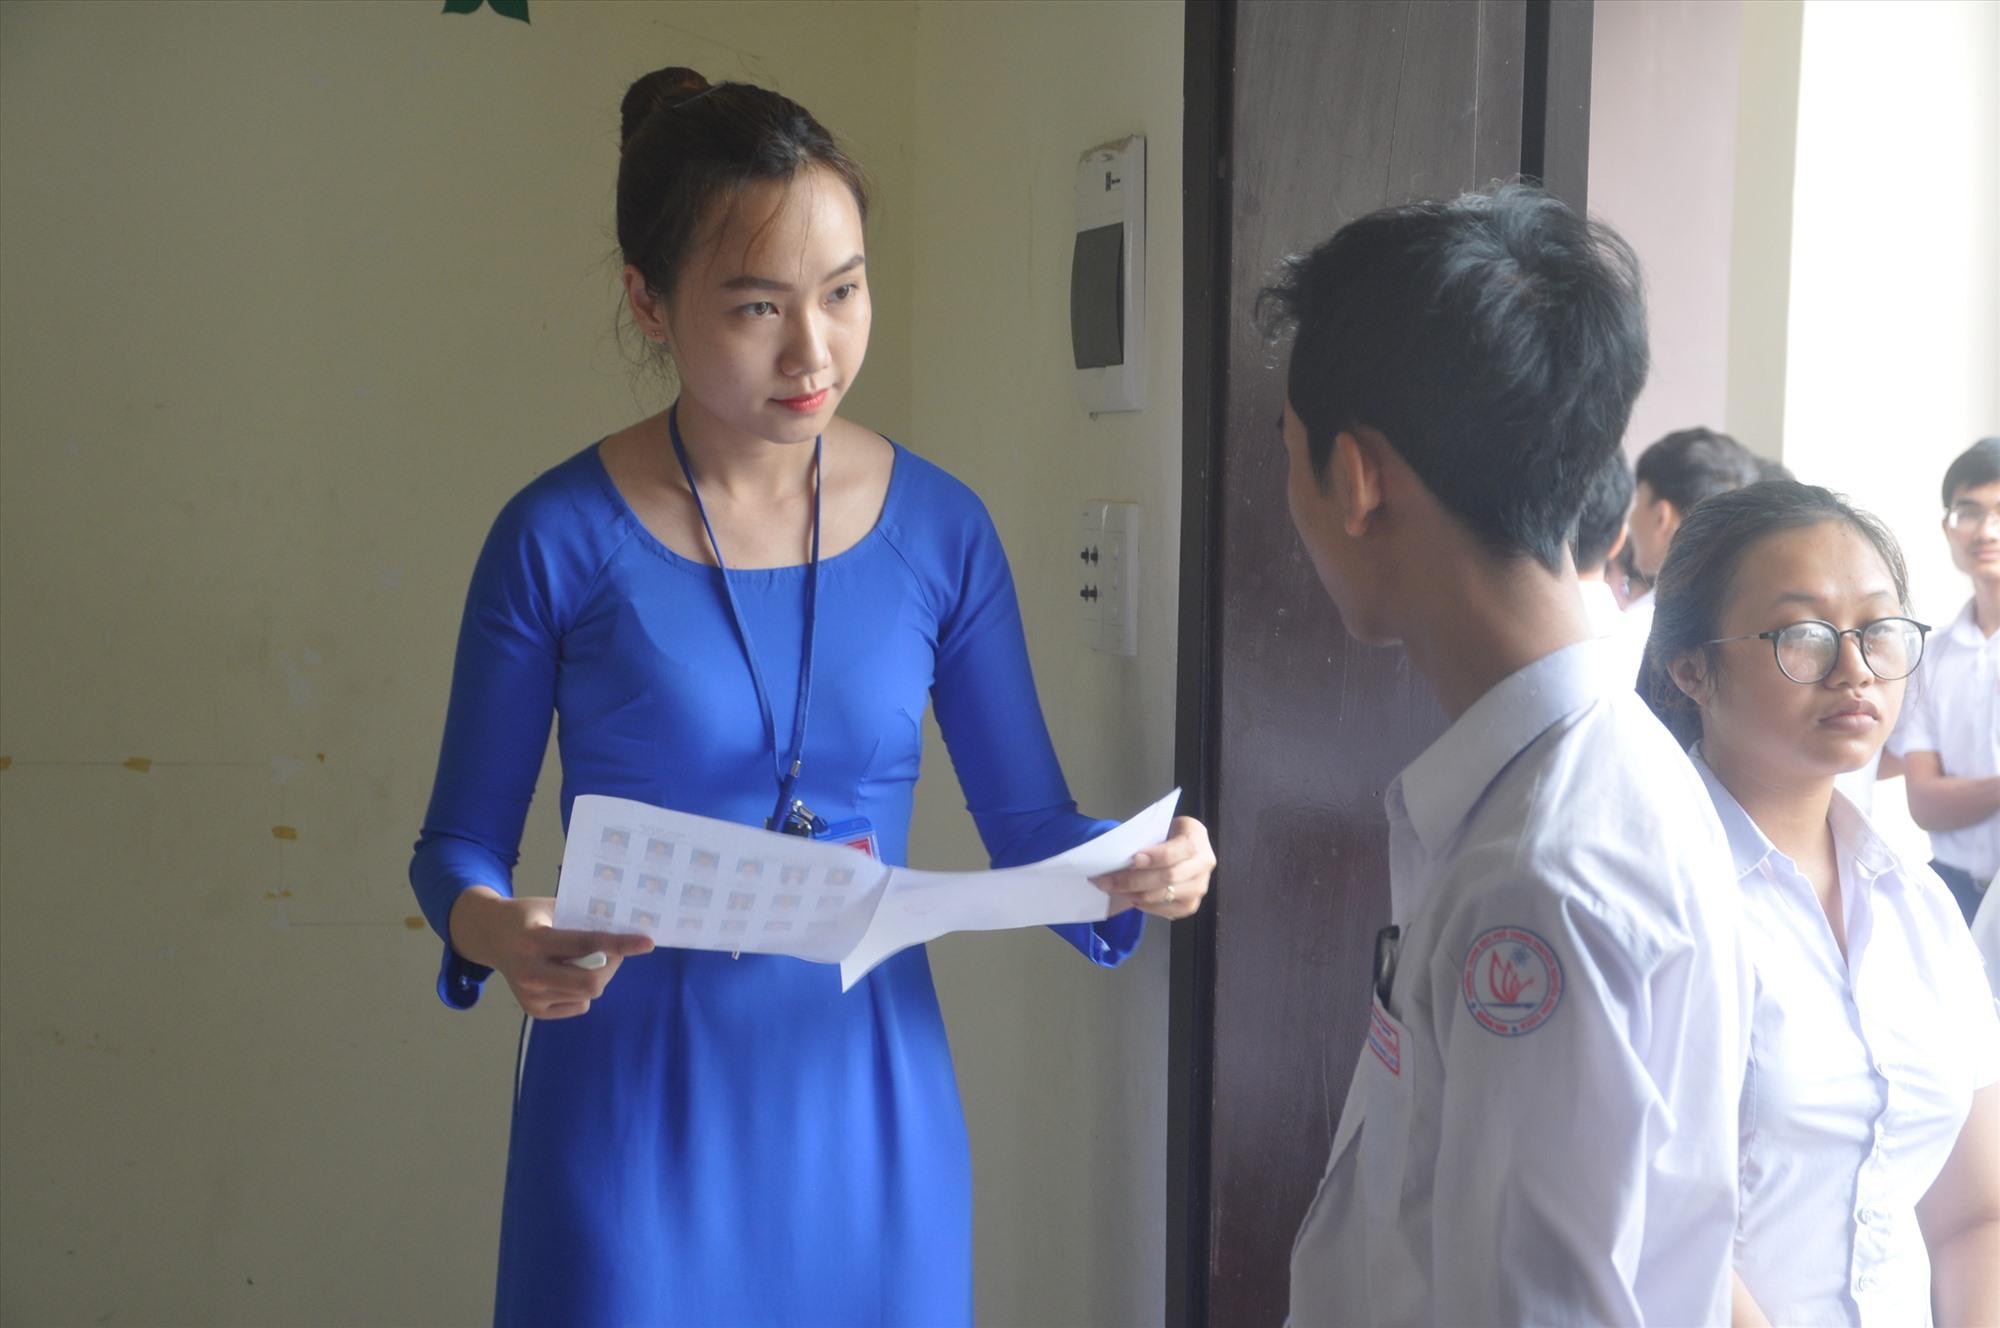 Giám thị kiểm tra thí sinh trước khi làm thủ tục vào phòng thi là một trong những  nhiệm vụ cần được tập huấn kỹ. Ảnh: X.P